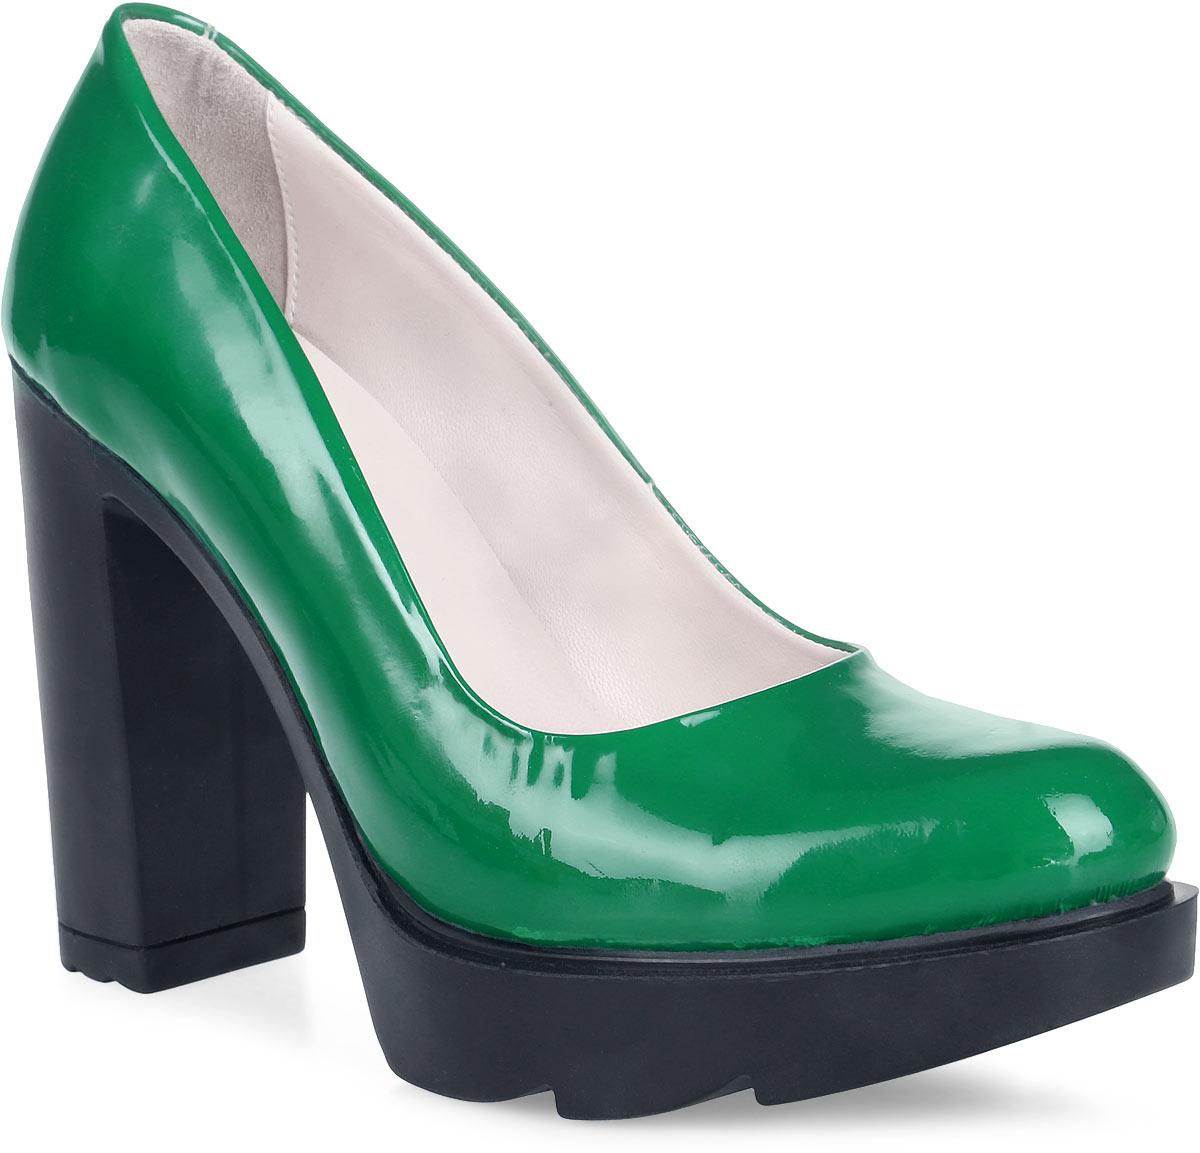 Туфли женские Graciana, цвет: зеленый. 24730-116. Размер 3624730-116Женские туфли от Graciana на высоком каблуке и тракторной подошве выполнены из натуральной кожи. Подкладка, изготовленная из натуральной кожи, обладает хорошей влаговпитываемостью и естественной воздухопроницаемостью. Стелька из натуральной кожи гарантирует комфорт и удобство стопам. Подошва из полимерного термопластичного материала обеспечивает хорошую амортизацию и сцепление с любой поверхностью.